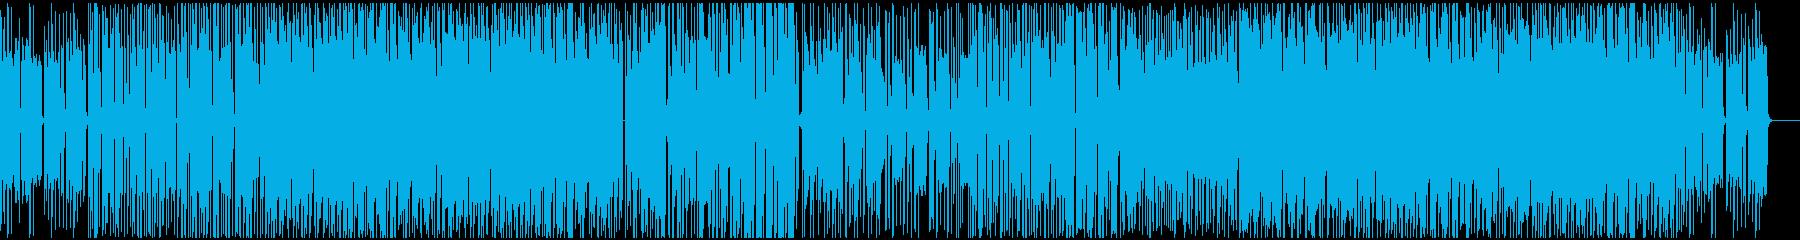 ギターとオルガンのファンク/ヒップホップの再生済みの波形